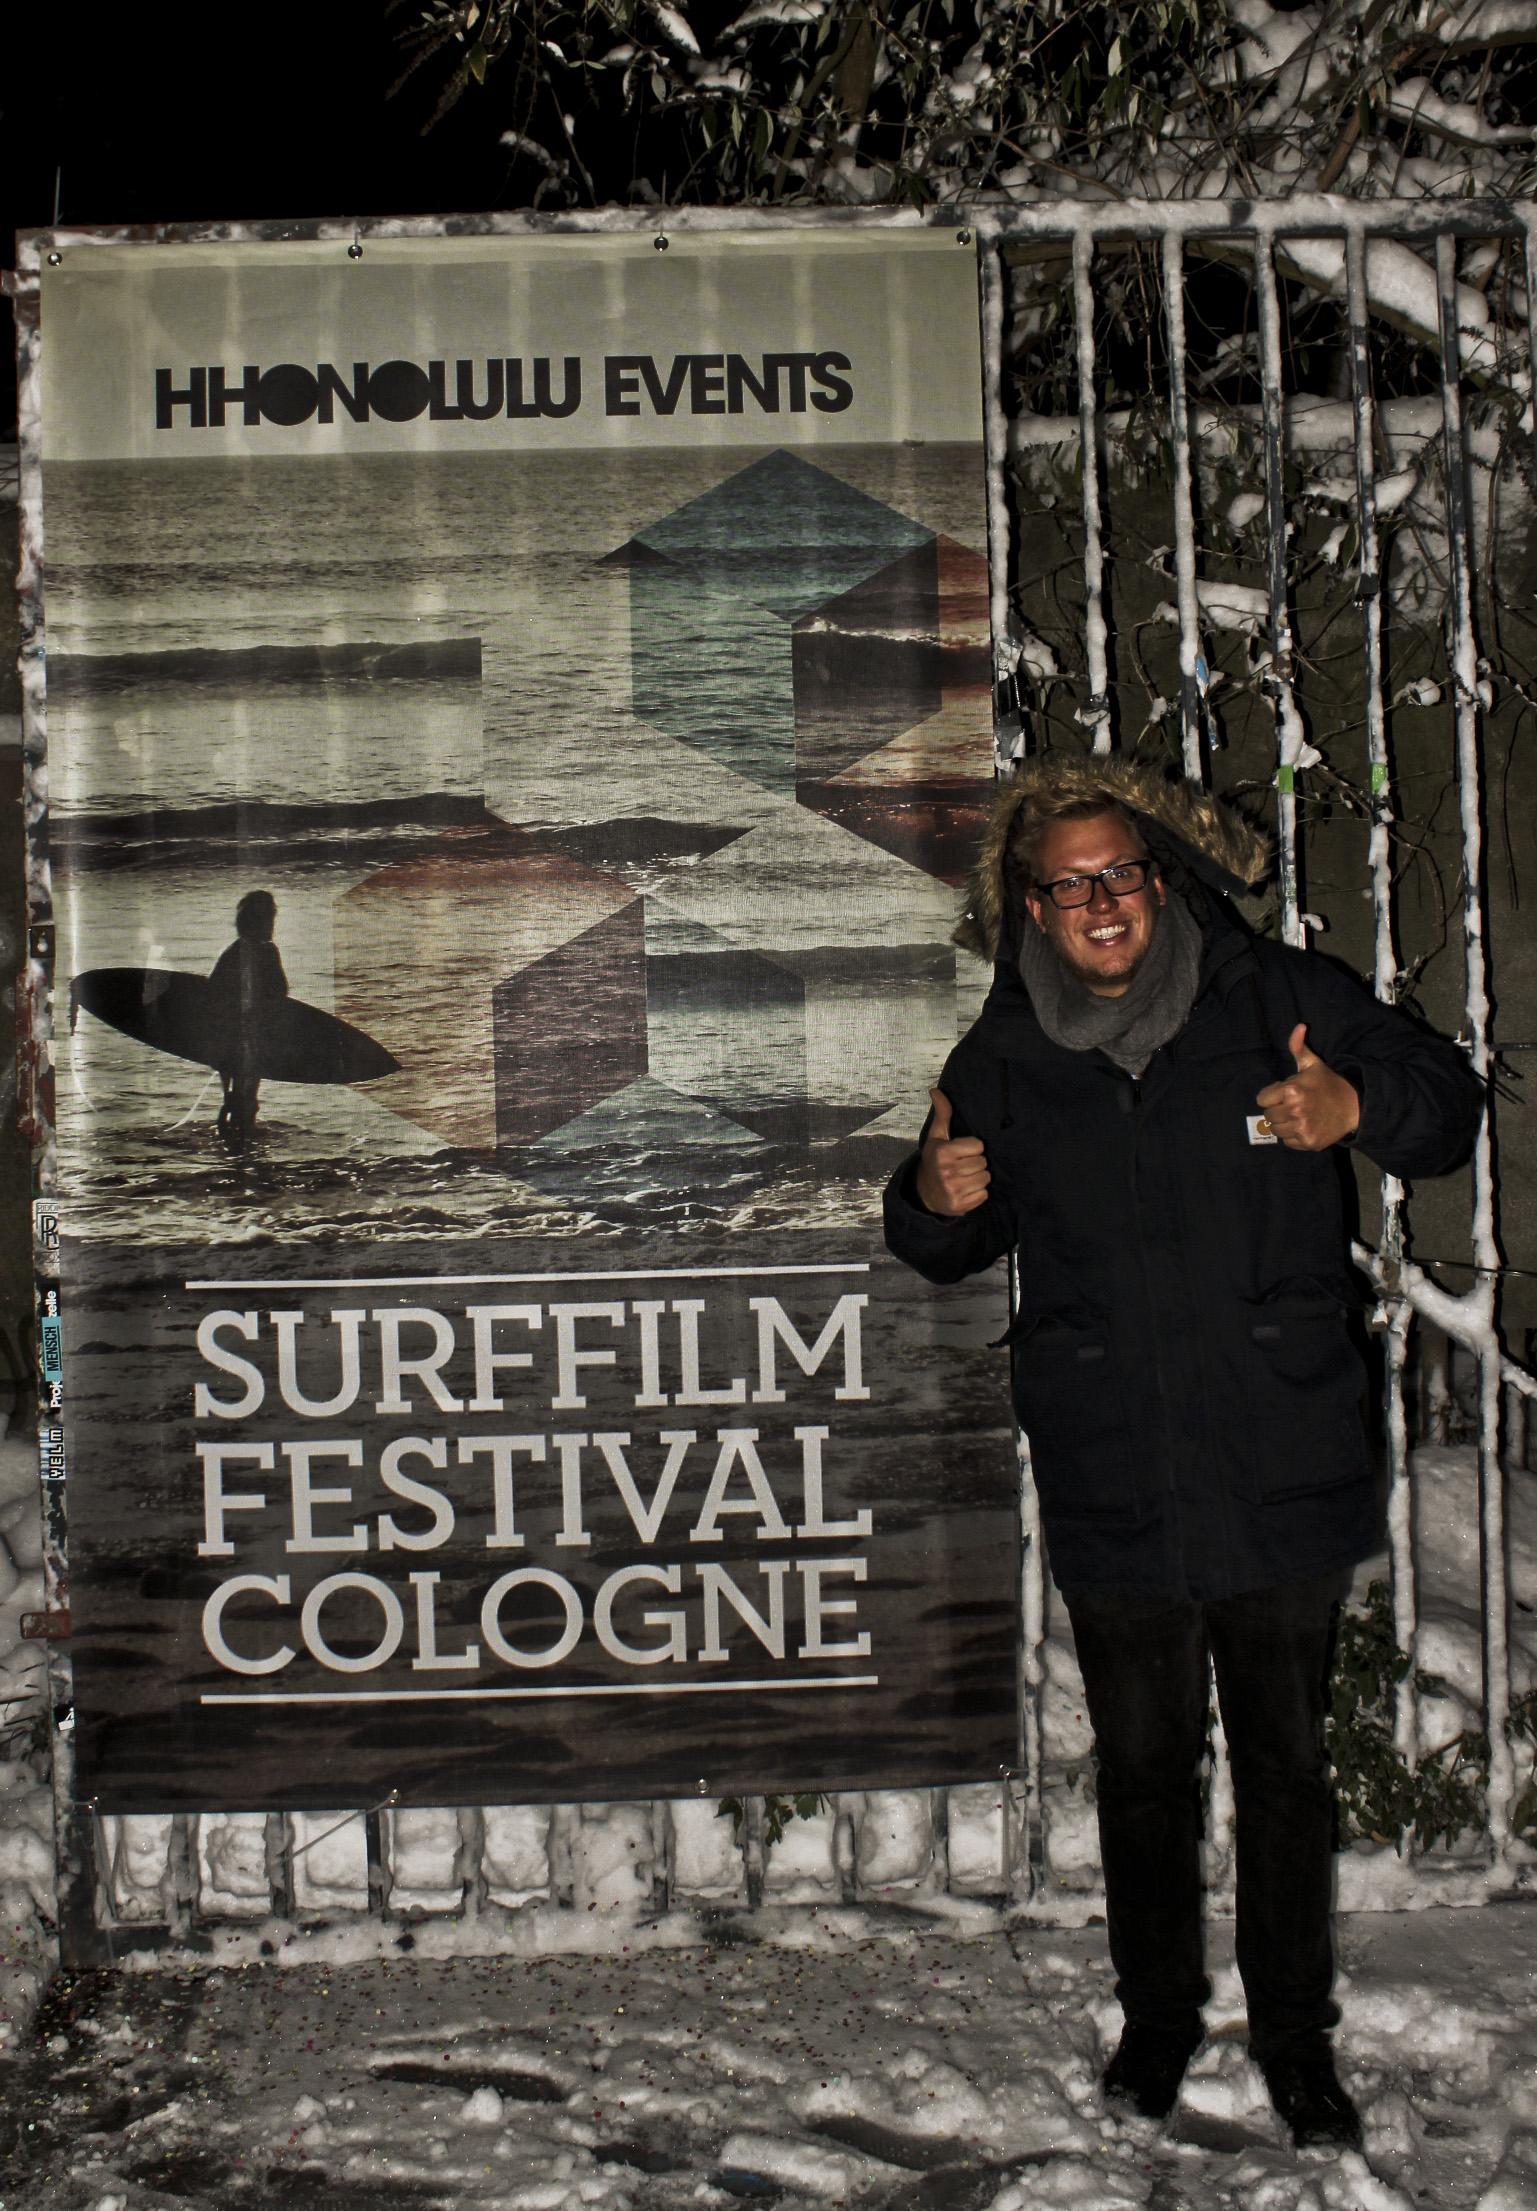 surffilmfestival_cologne_(c)HHonoluluEvents